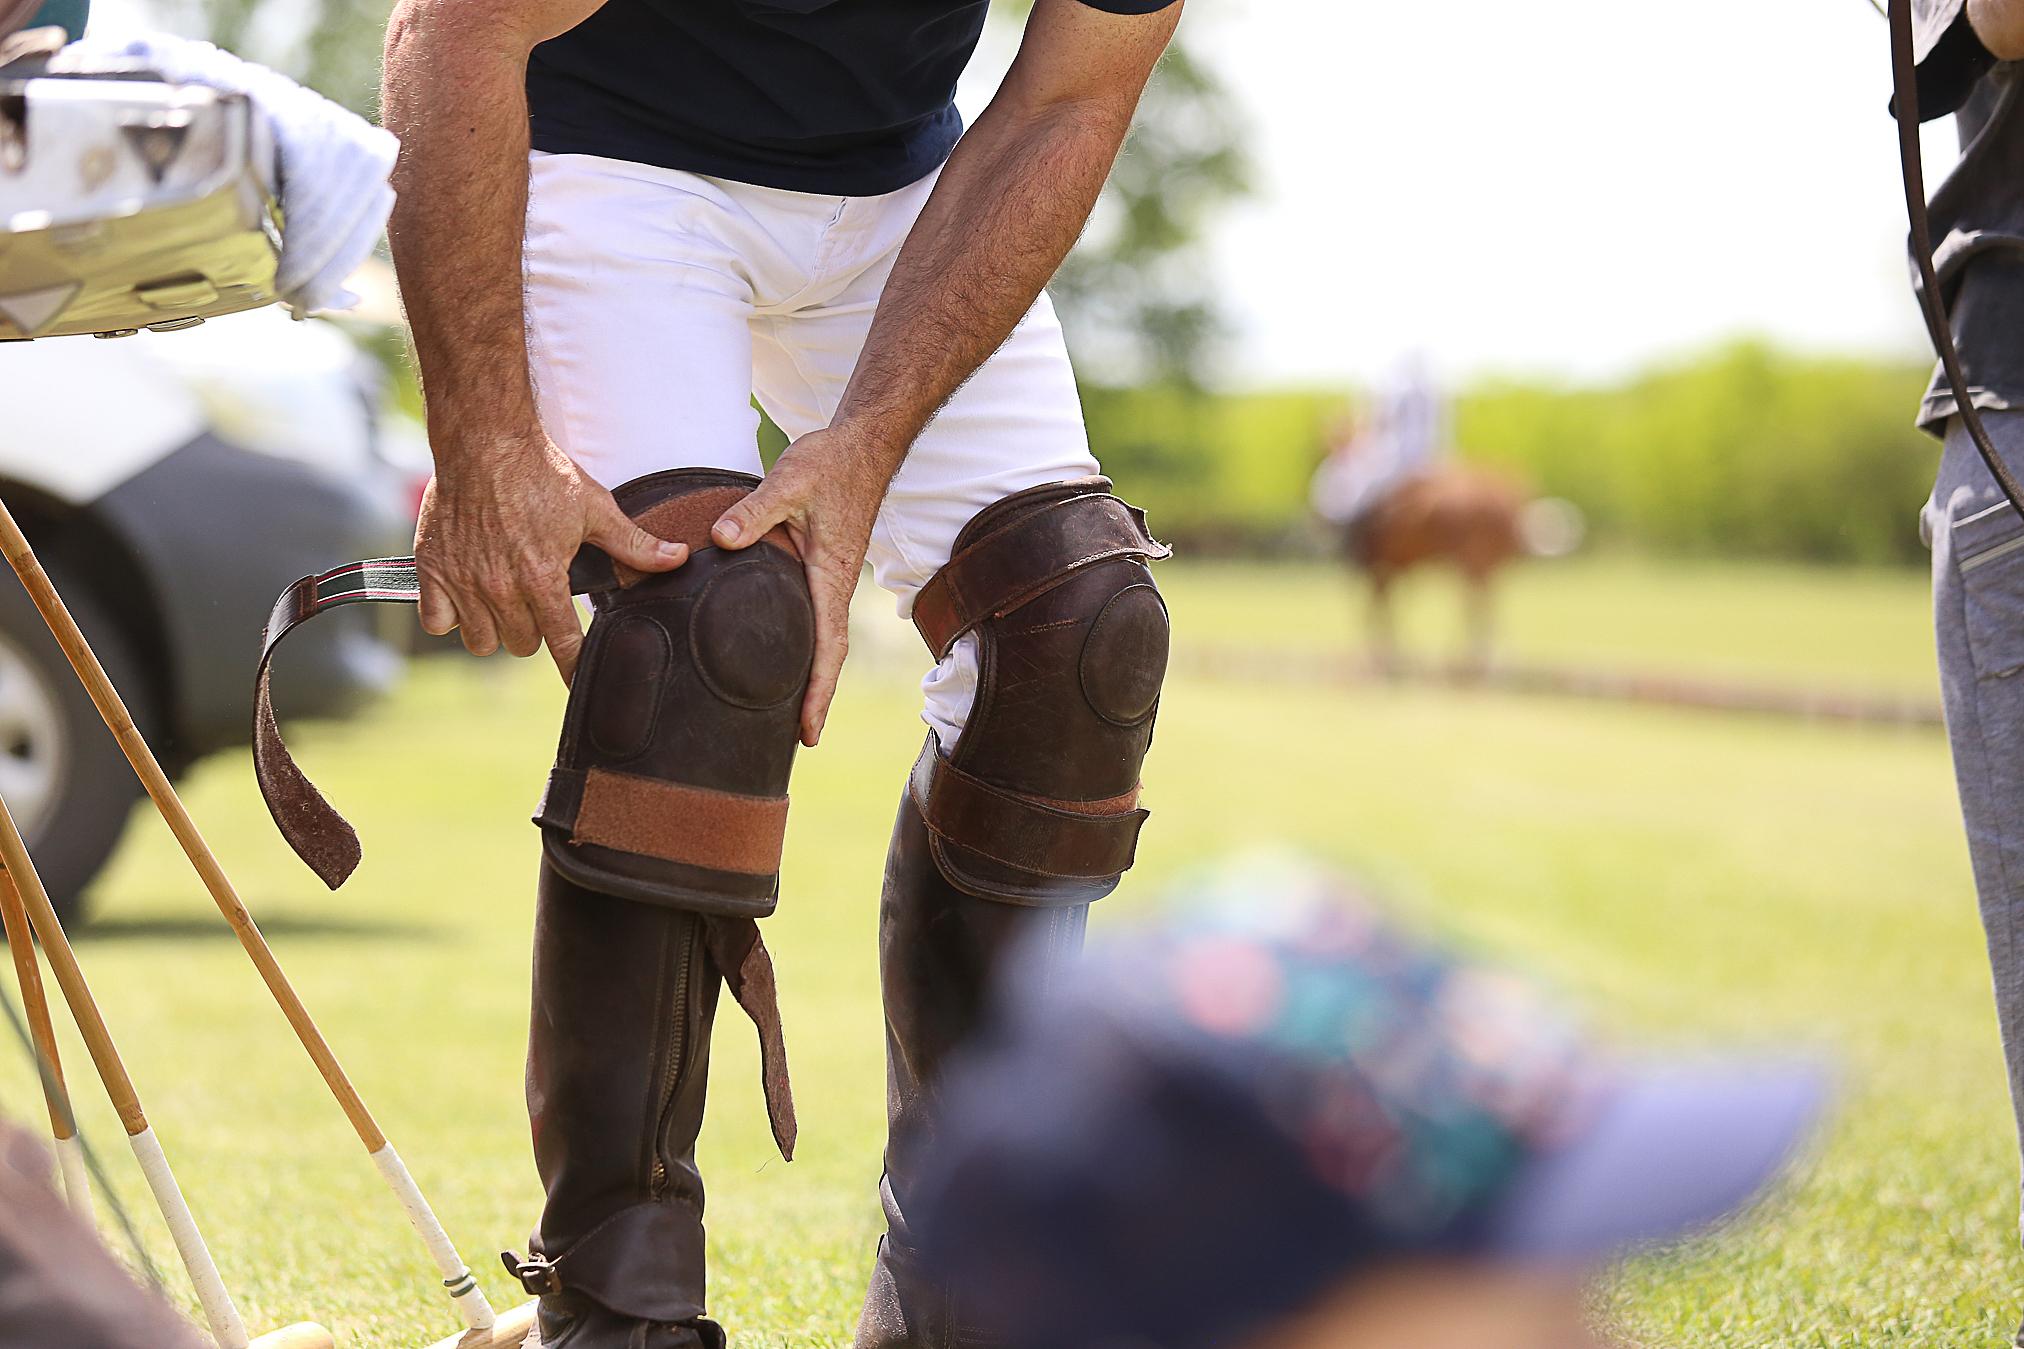 涨知识 运动膝盖疼,戴护膝有用吗?你会挑选护膝吗?